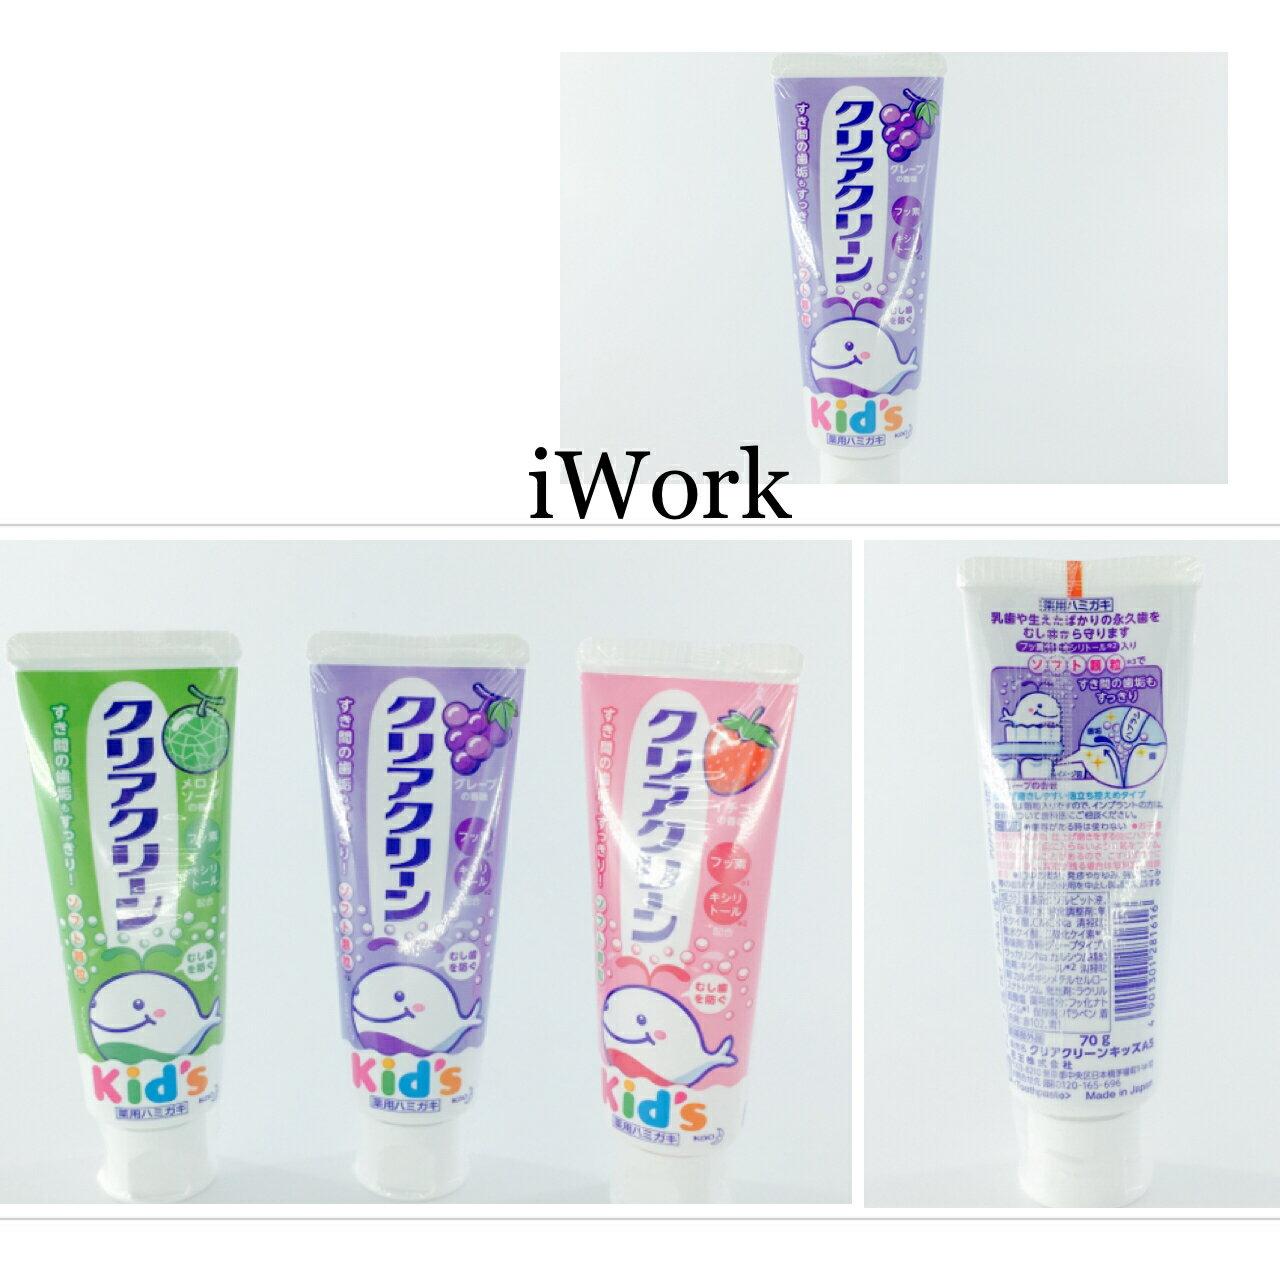 ~iWork~10014~KID ^#x27 S~水果口味鯨魚幼童牙膏 , 上嬰幼童牙膏